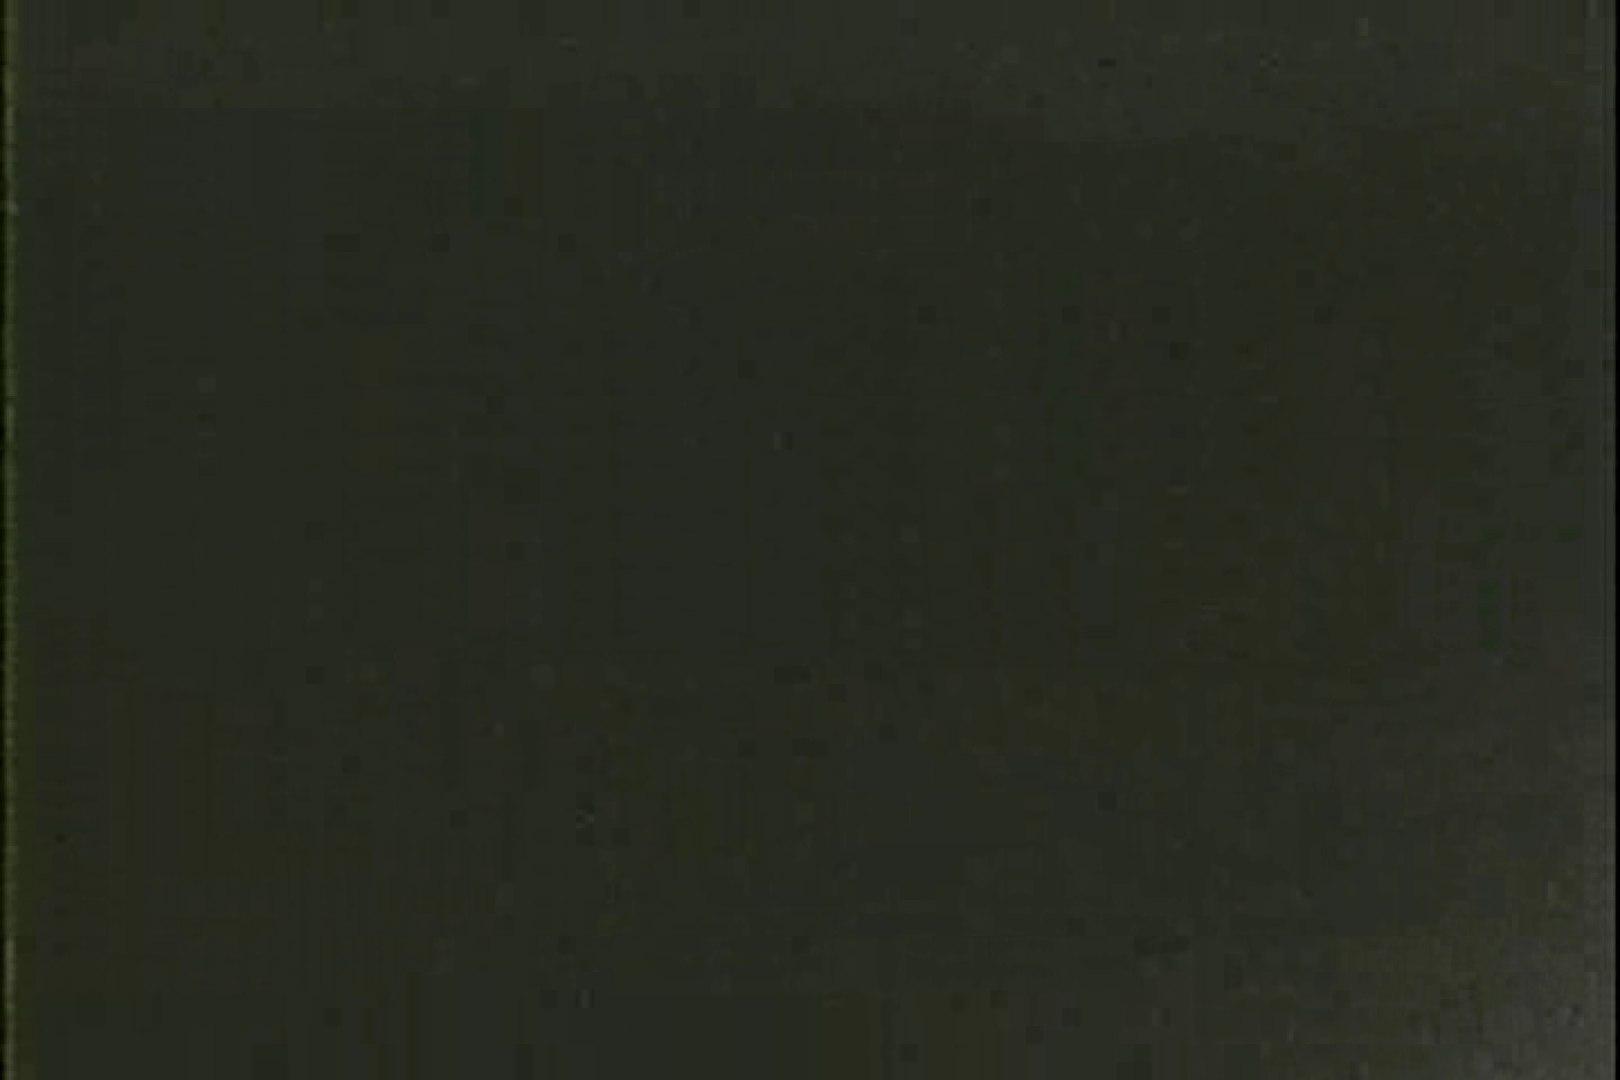 「ちくりん」さんのオリジナル未編集パンチラVol.5_02 パンチラ   チラ  76画像 31